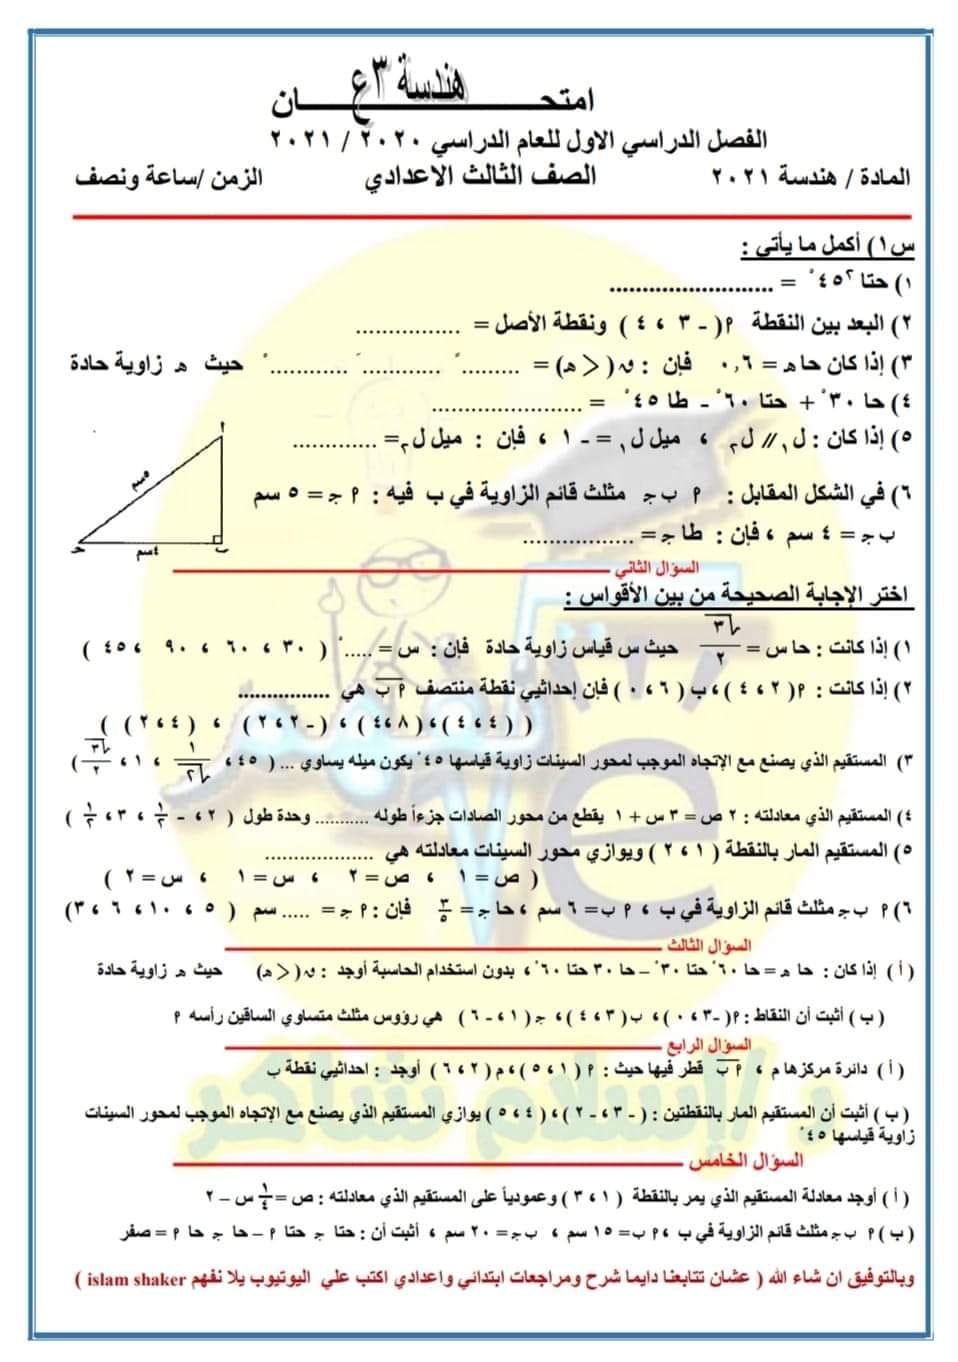 نموذج استرشادي للامتحان الموحد الصف الثالث الاعدادي